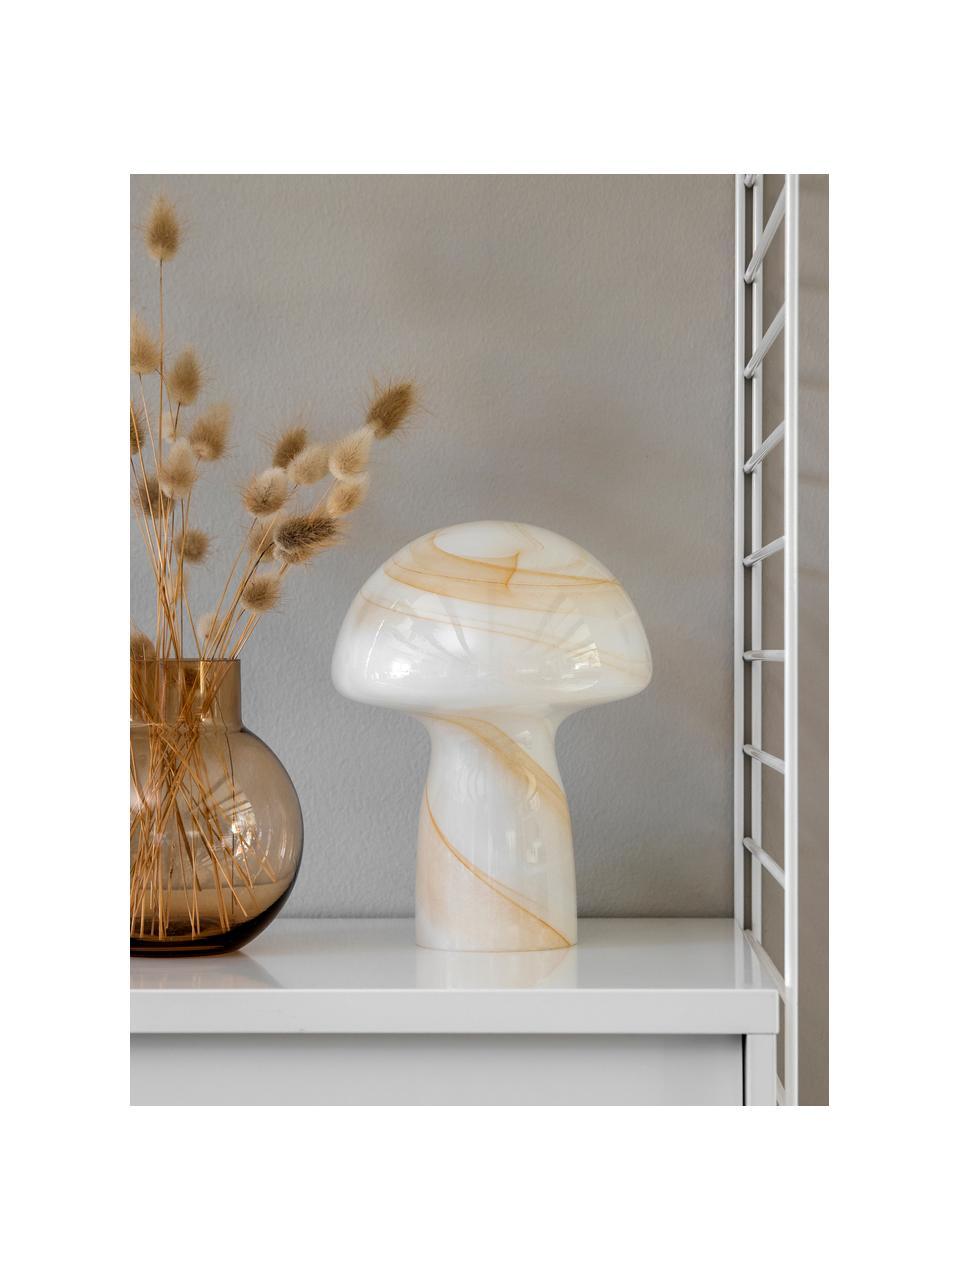 Kleine Handgefertigte Tischlampe Fungo, Weiß, Beige, Ø 22 x H 30 cm